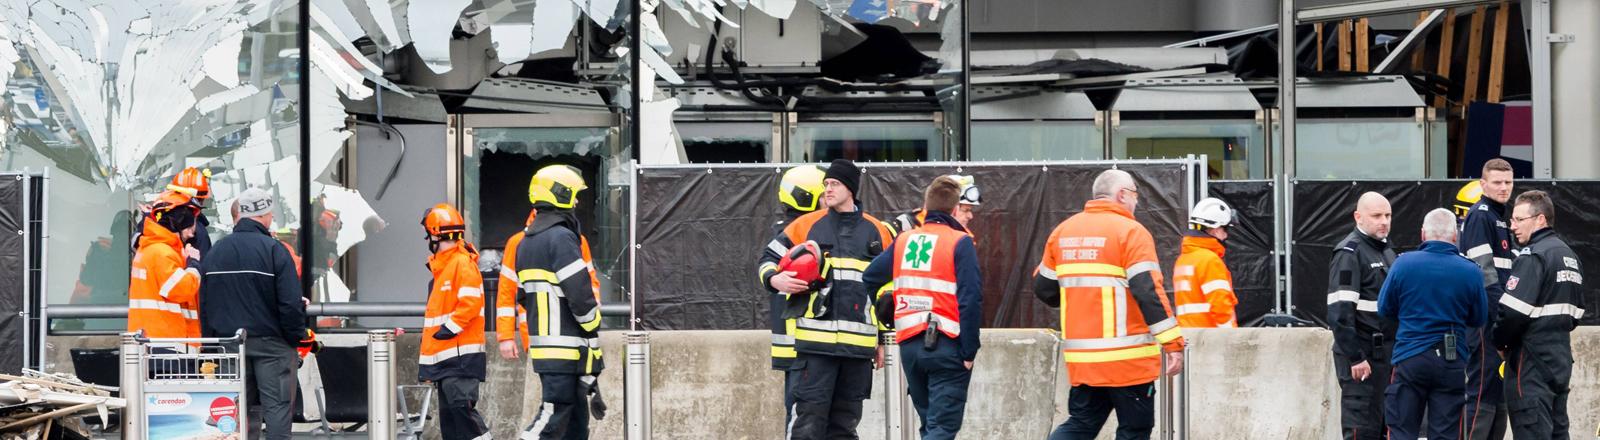 Der Brüsseler Flughafen nach einem Selbstmordanschlag vom 22.03.2016.